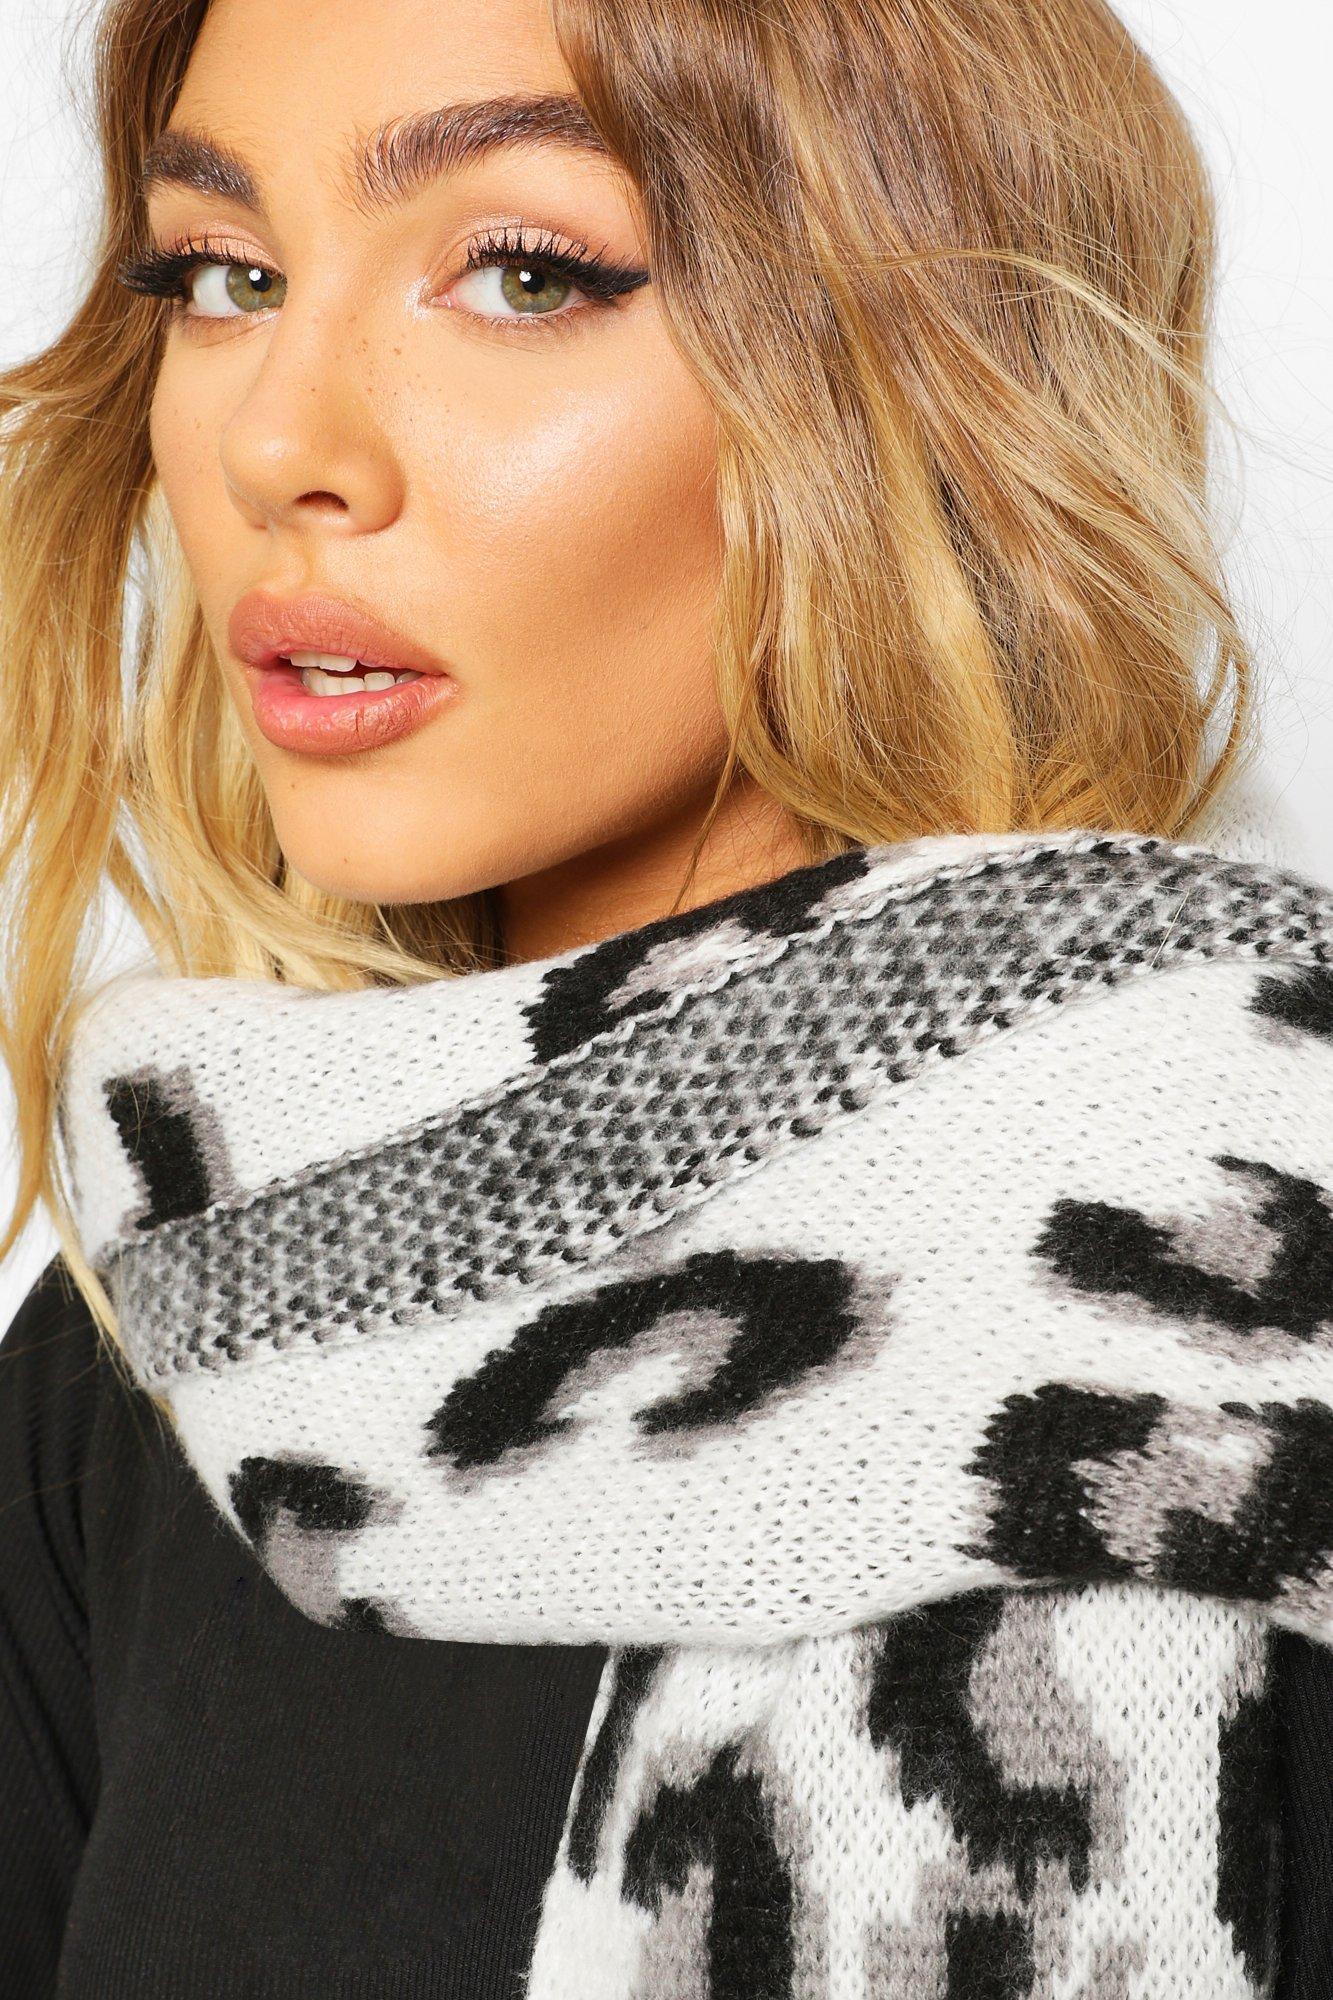 Объемный вязаный шарф из жаккарда с леопардовым принтом